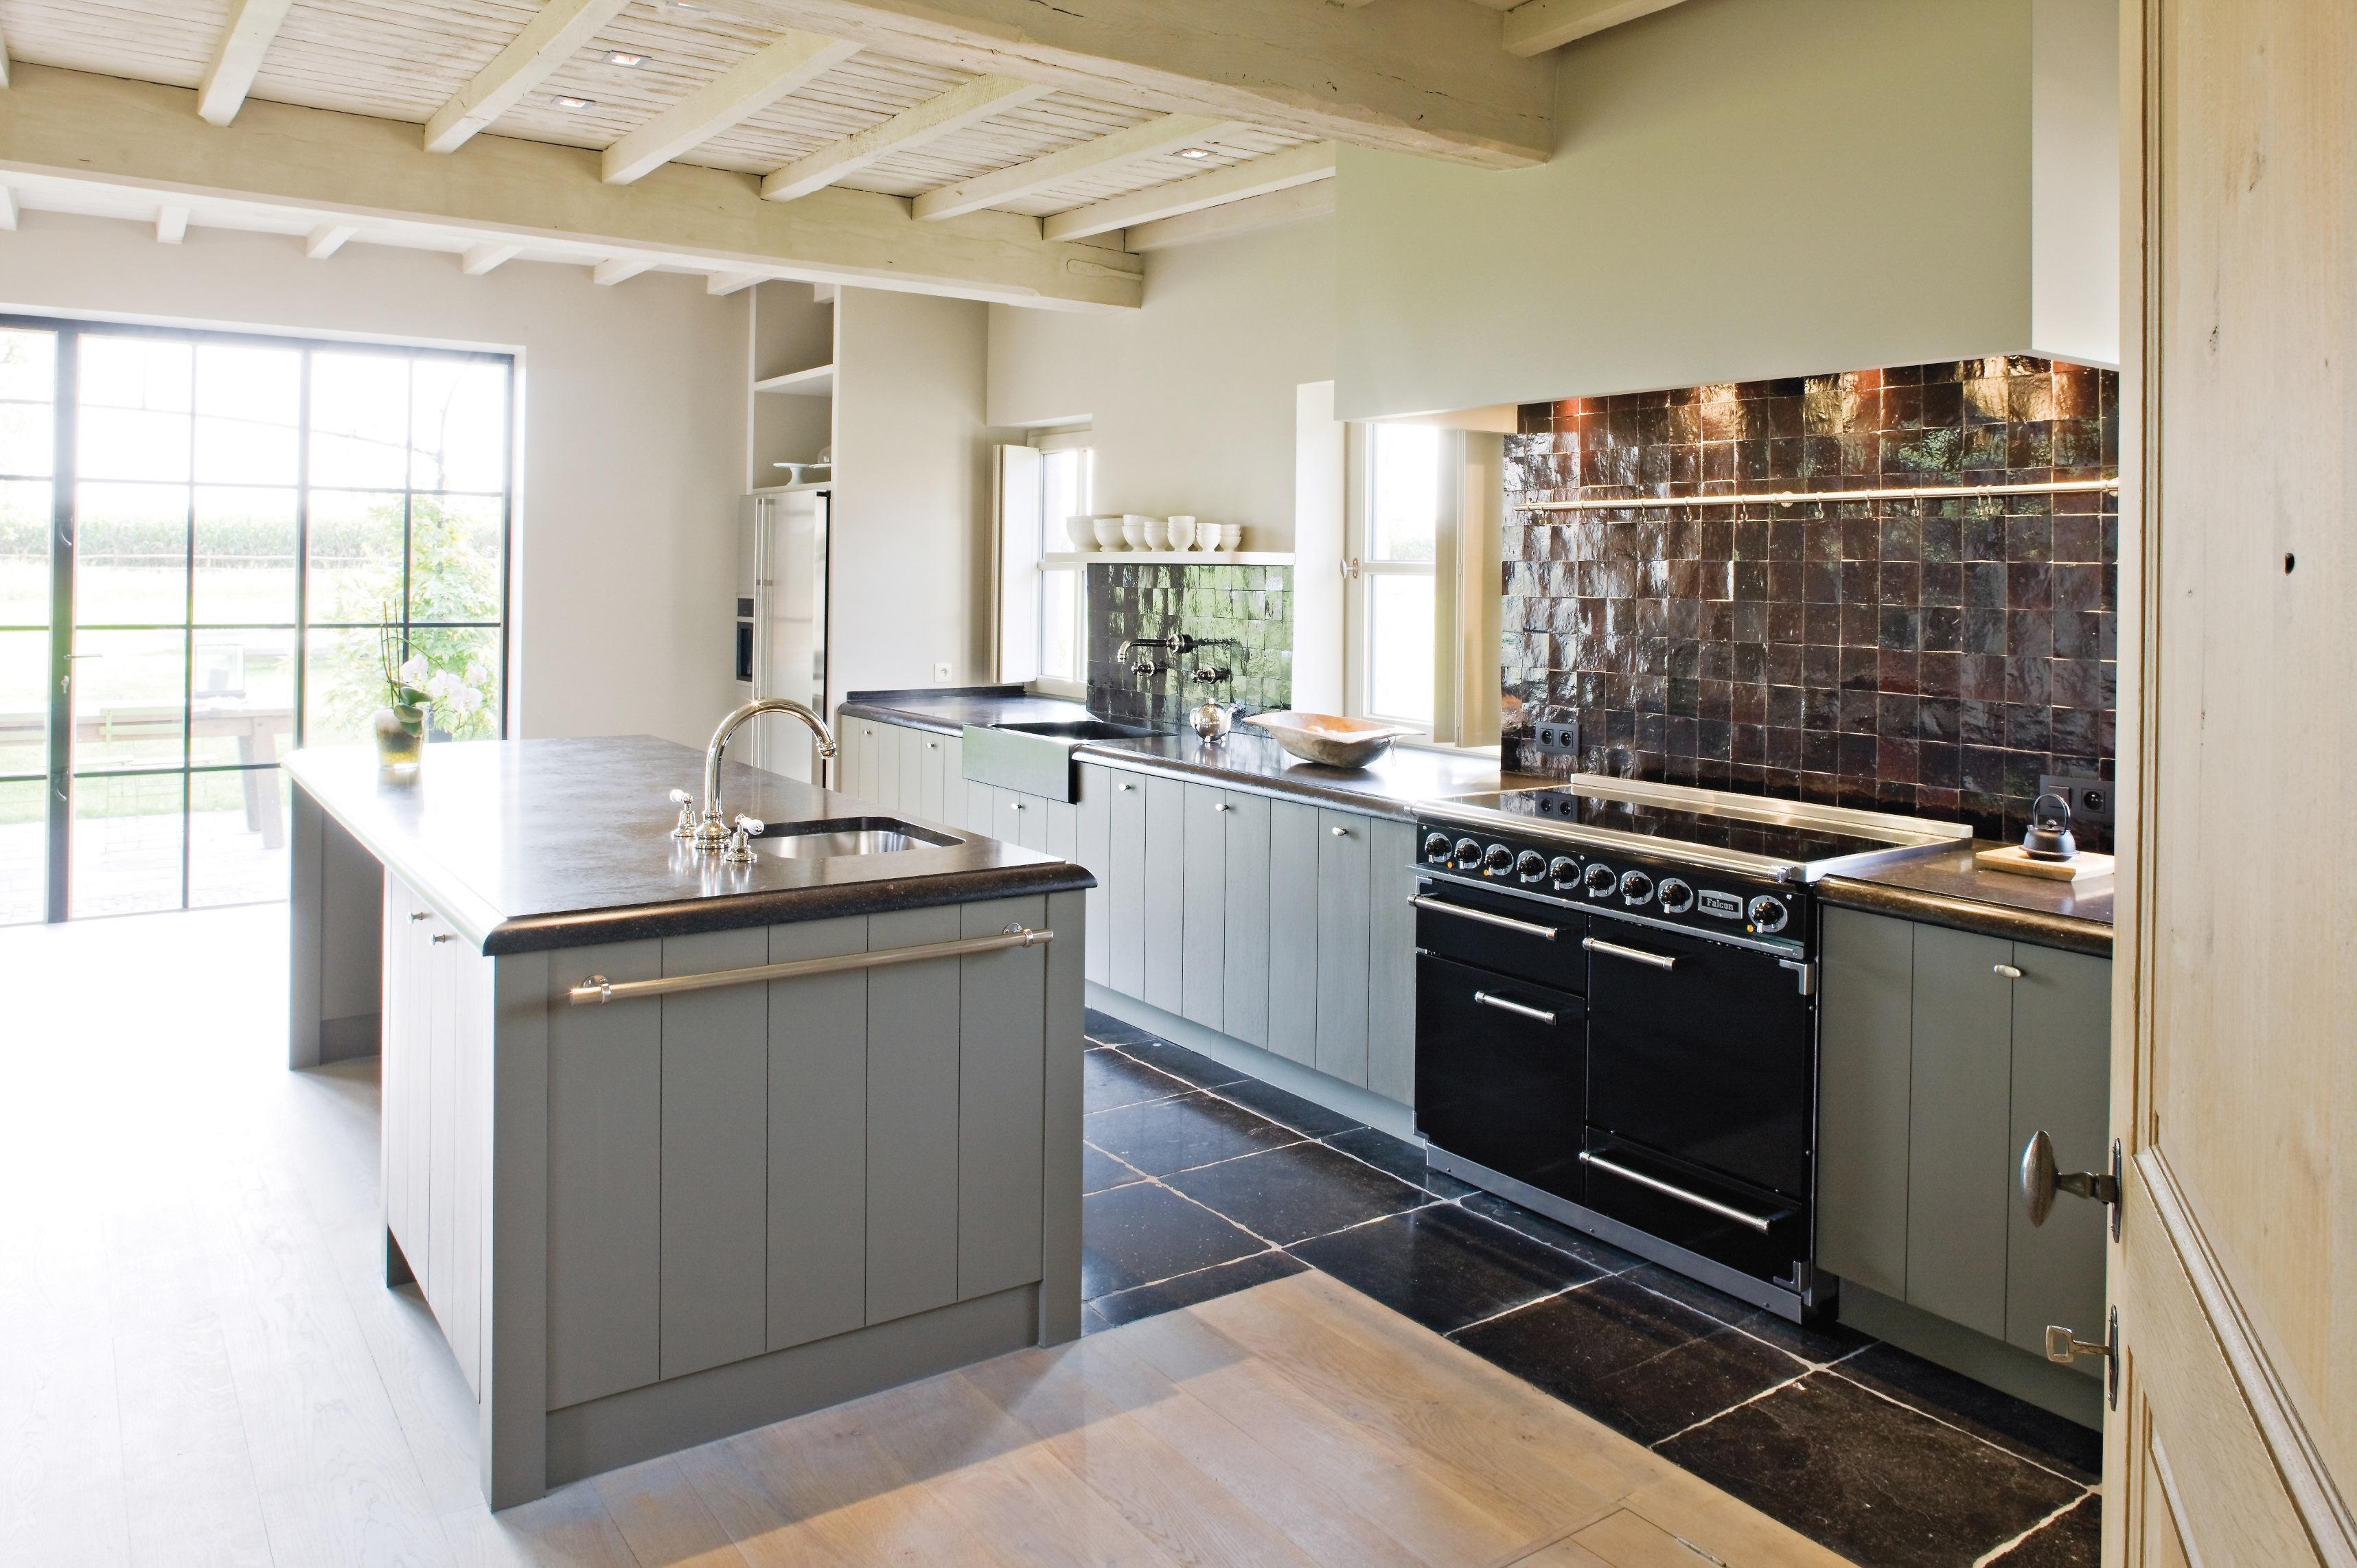 Küche im landhausstil  Graue Küche • Bilder & Ideen • COUCHstyle